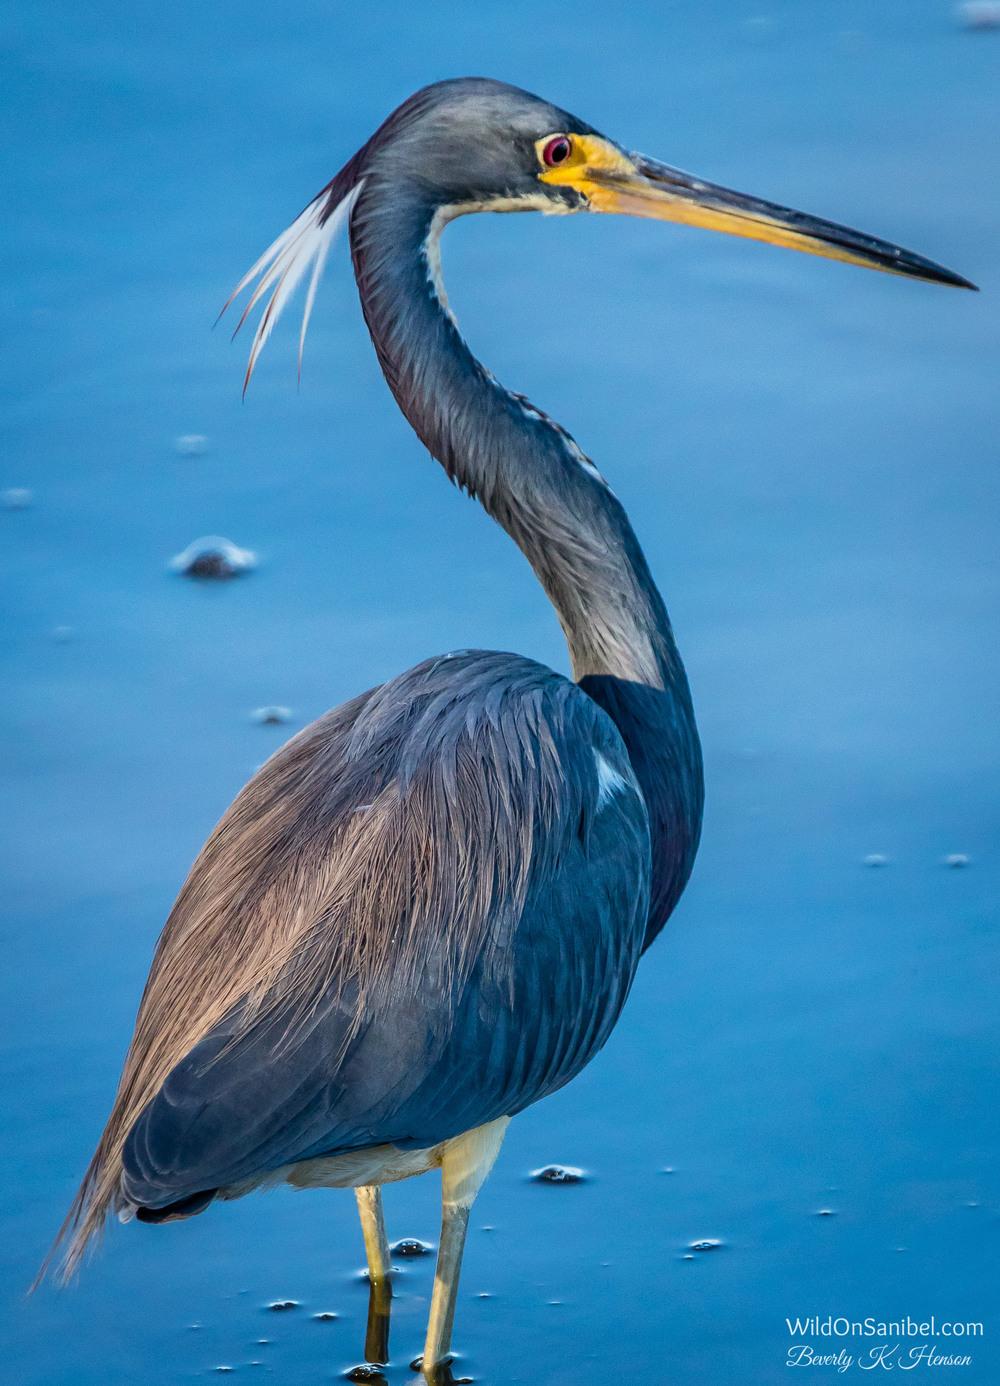 Such a beautiful bird!